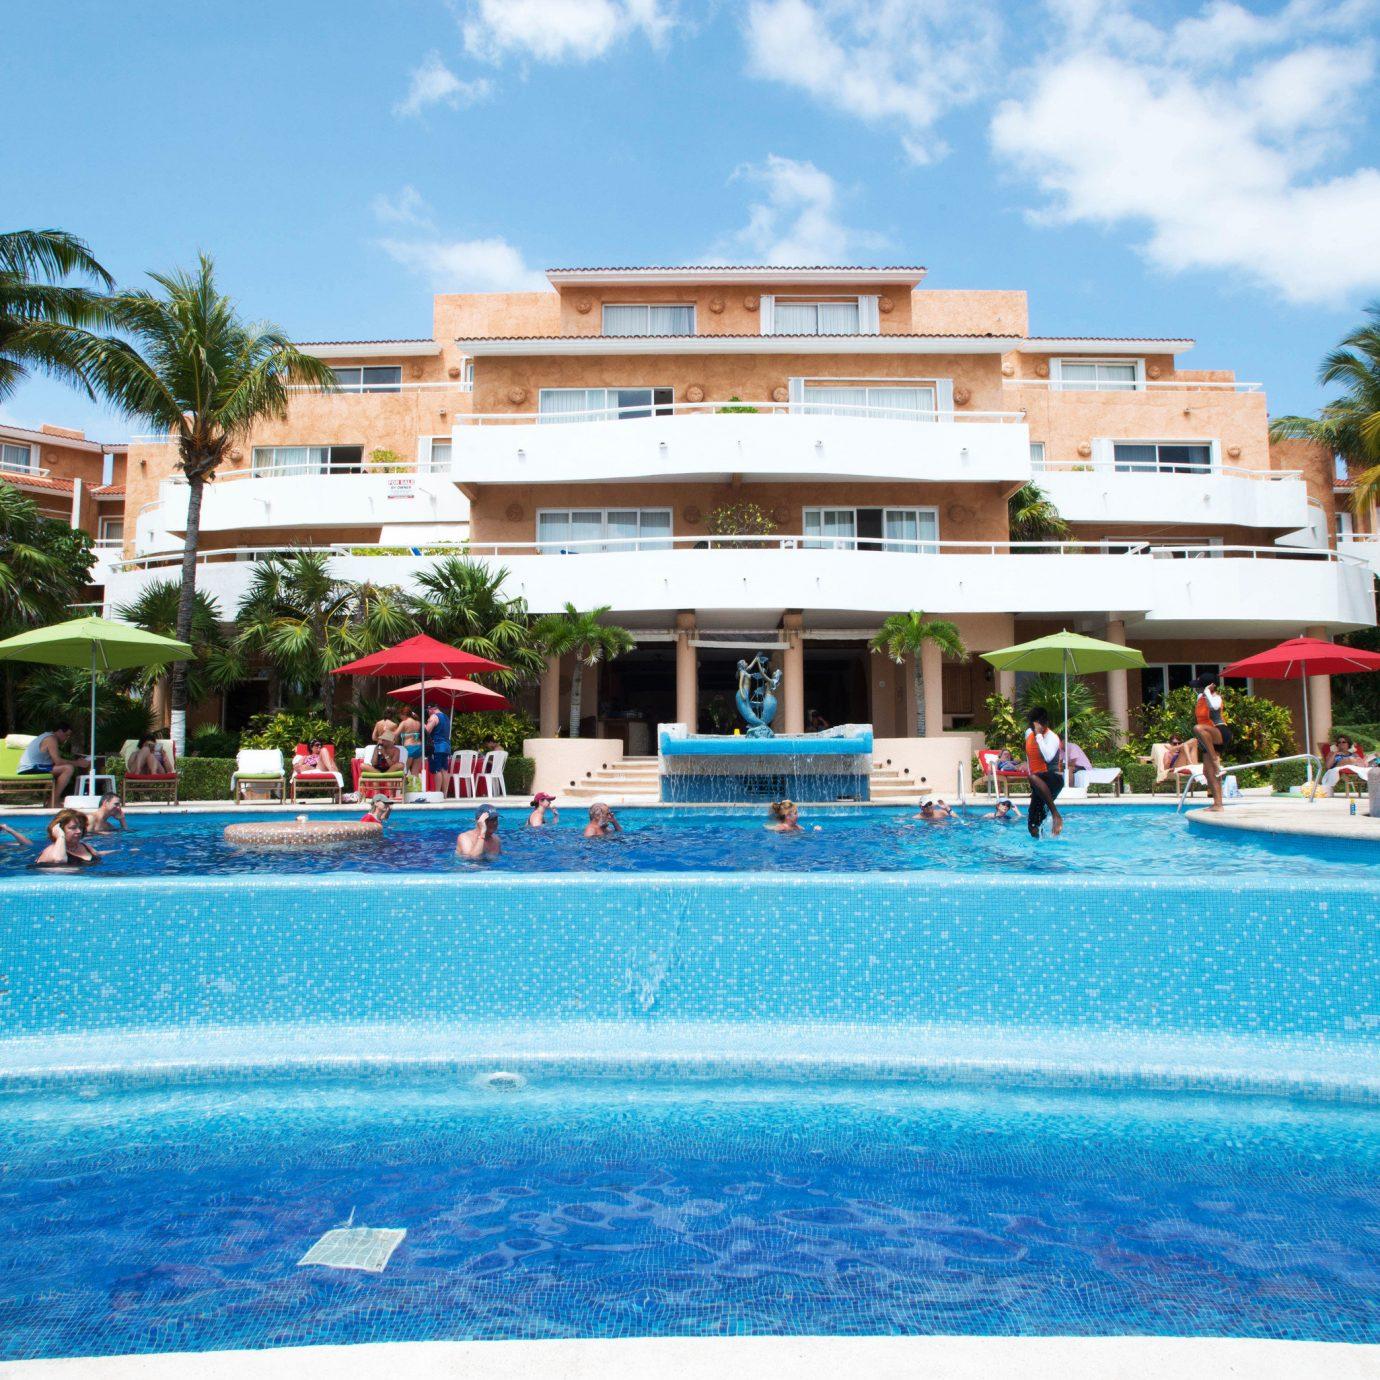 sky swimming pool leisure Resort property blue Pool resort town Water park caribbean condominium swimming